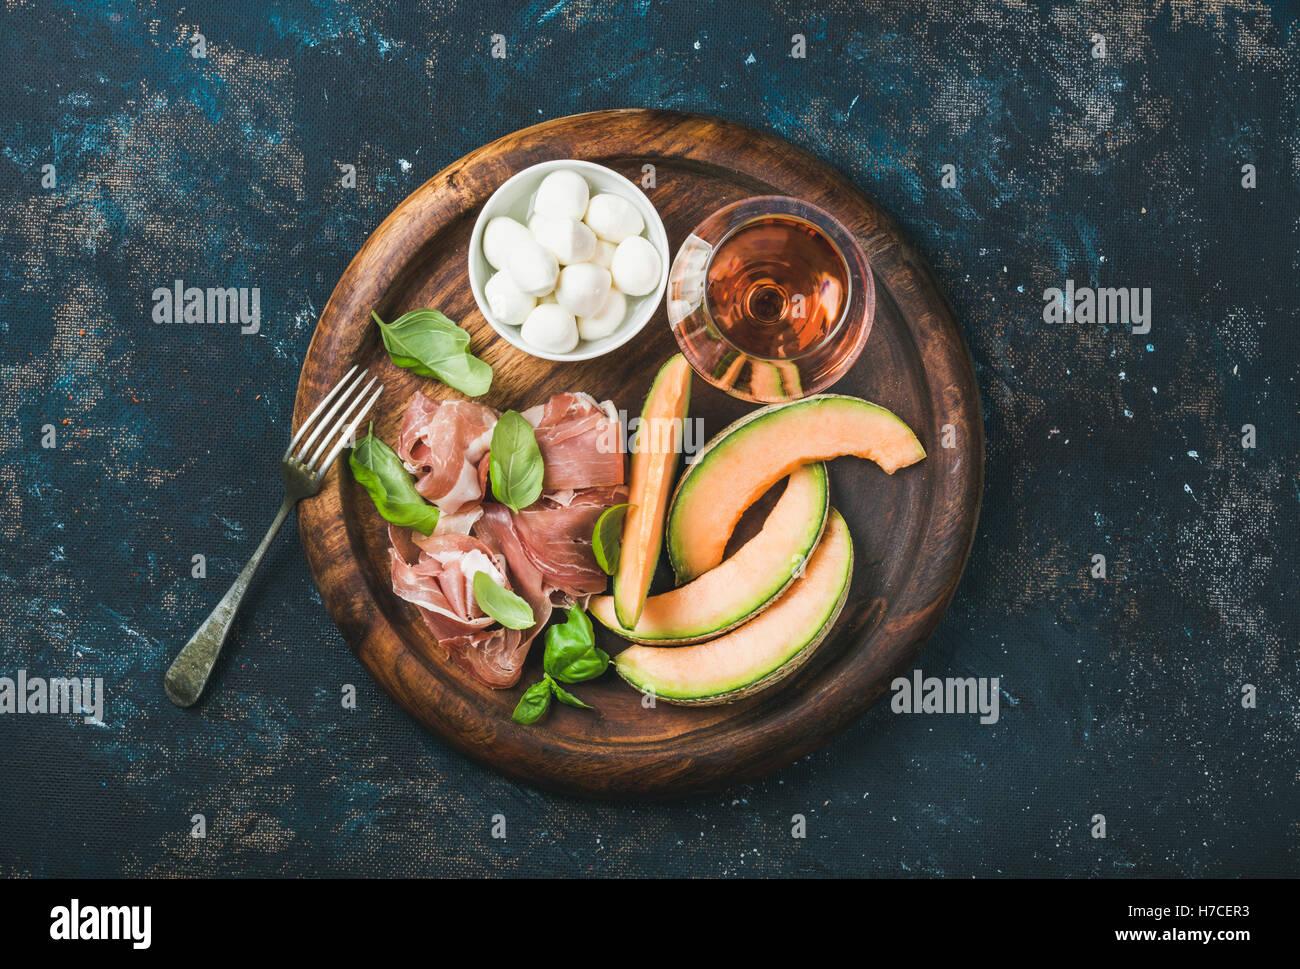 Prosciutto di Parma, melón, queso mozzarella en un recipiente, hojas de albahaca fresca y una copa de vino Imagen De Stock